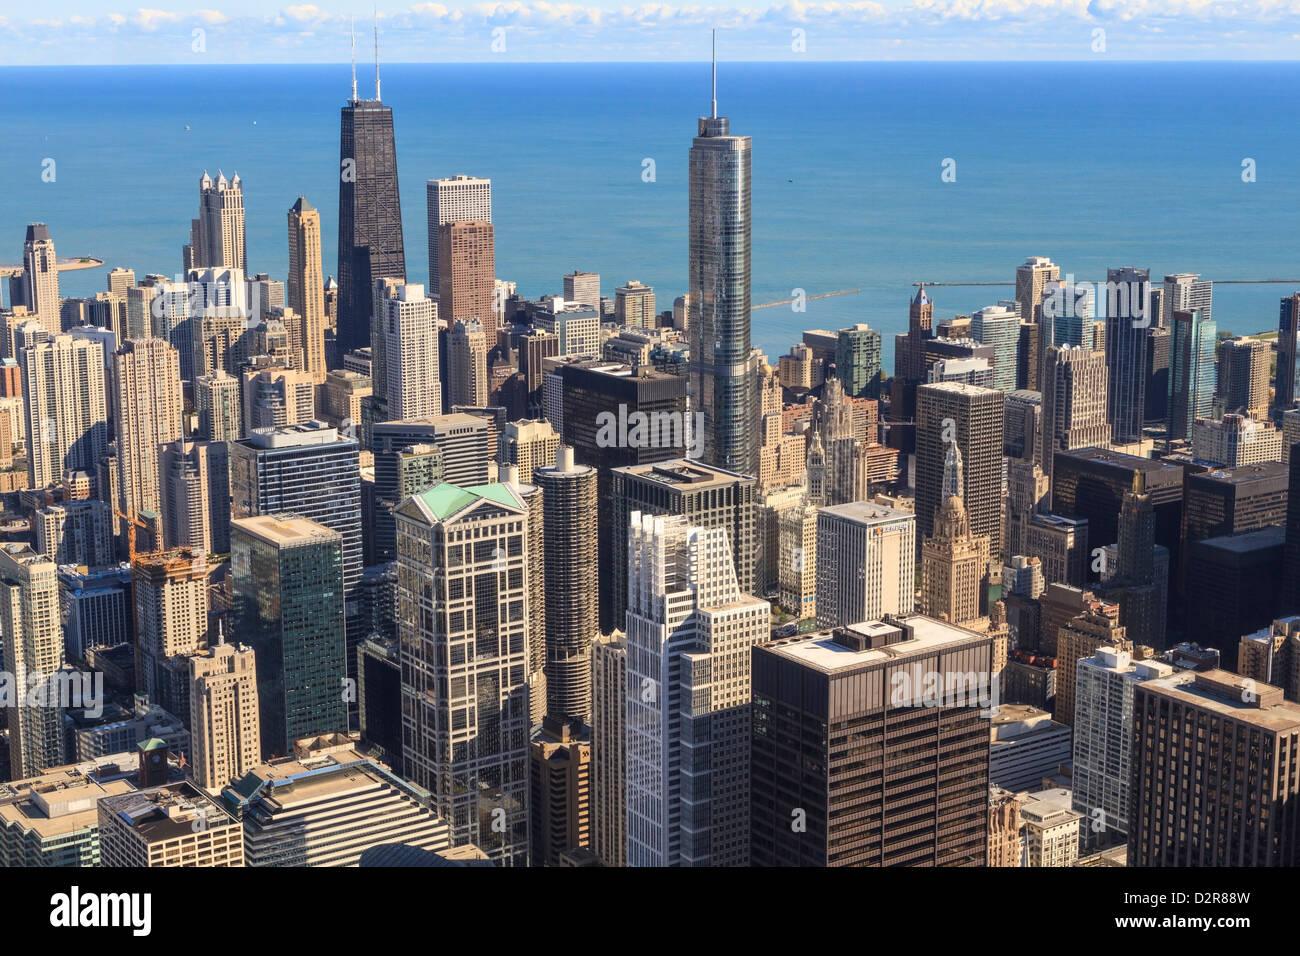 El paisaje urbano de Chicago y el Lago Michigan, el Centro Hancock y Trump Tower, Chicago, Illinois, Estados Unidos Imagen De Stock